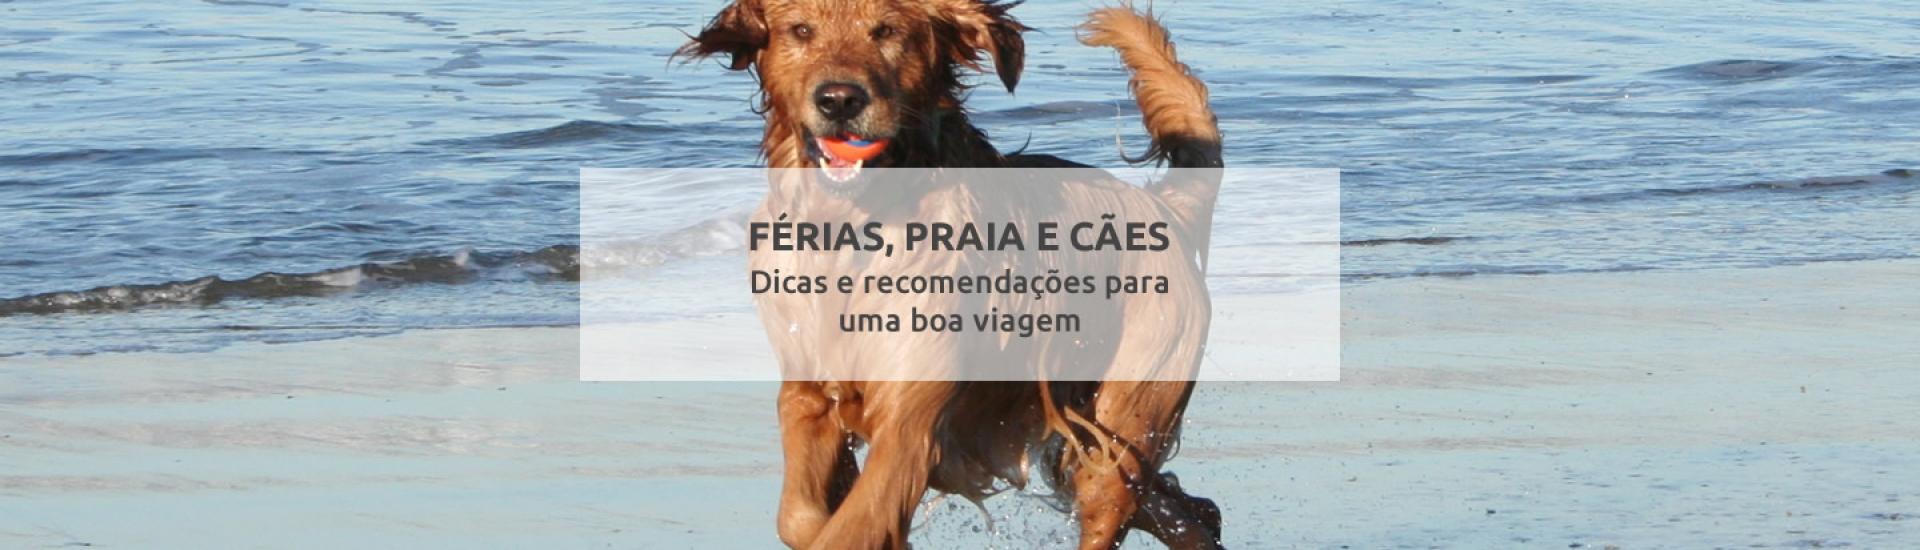 Férias, praia e cães